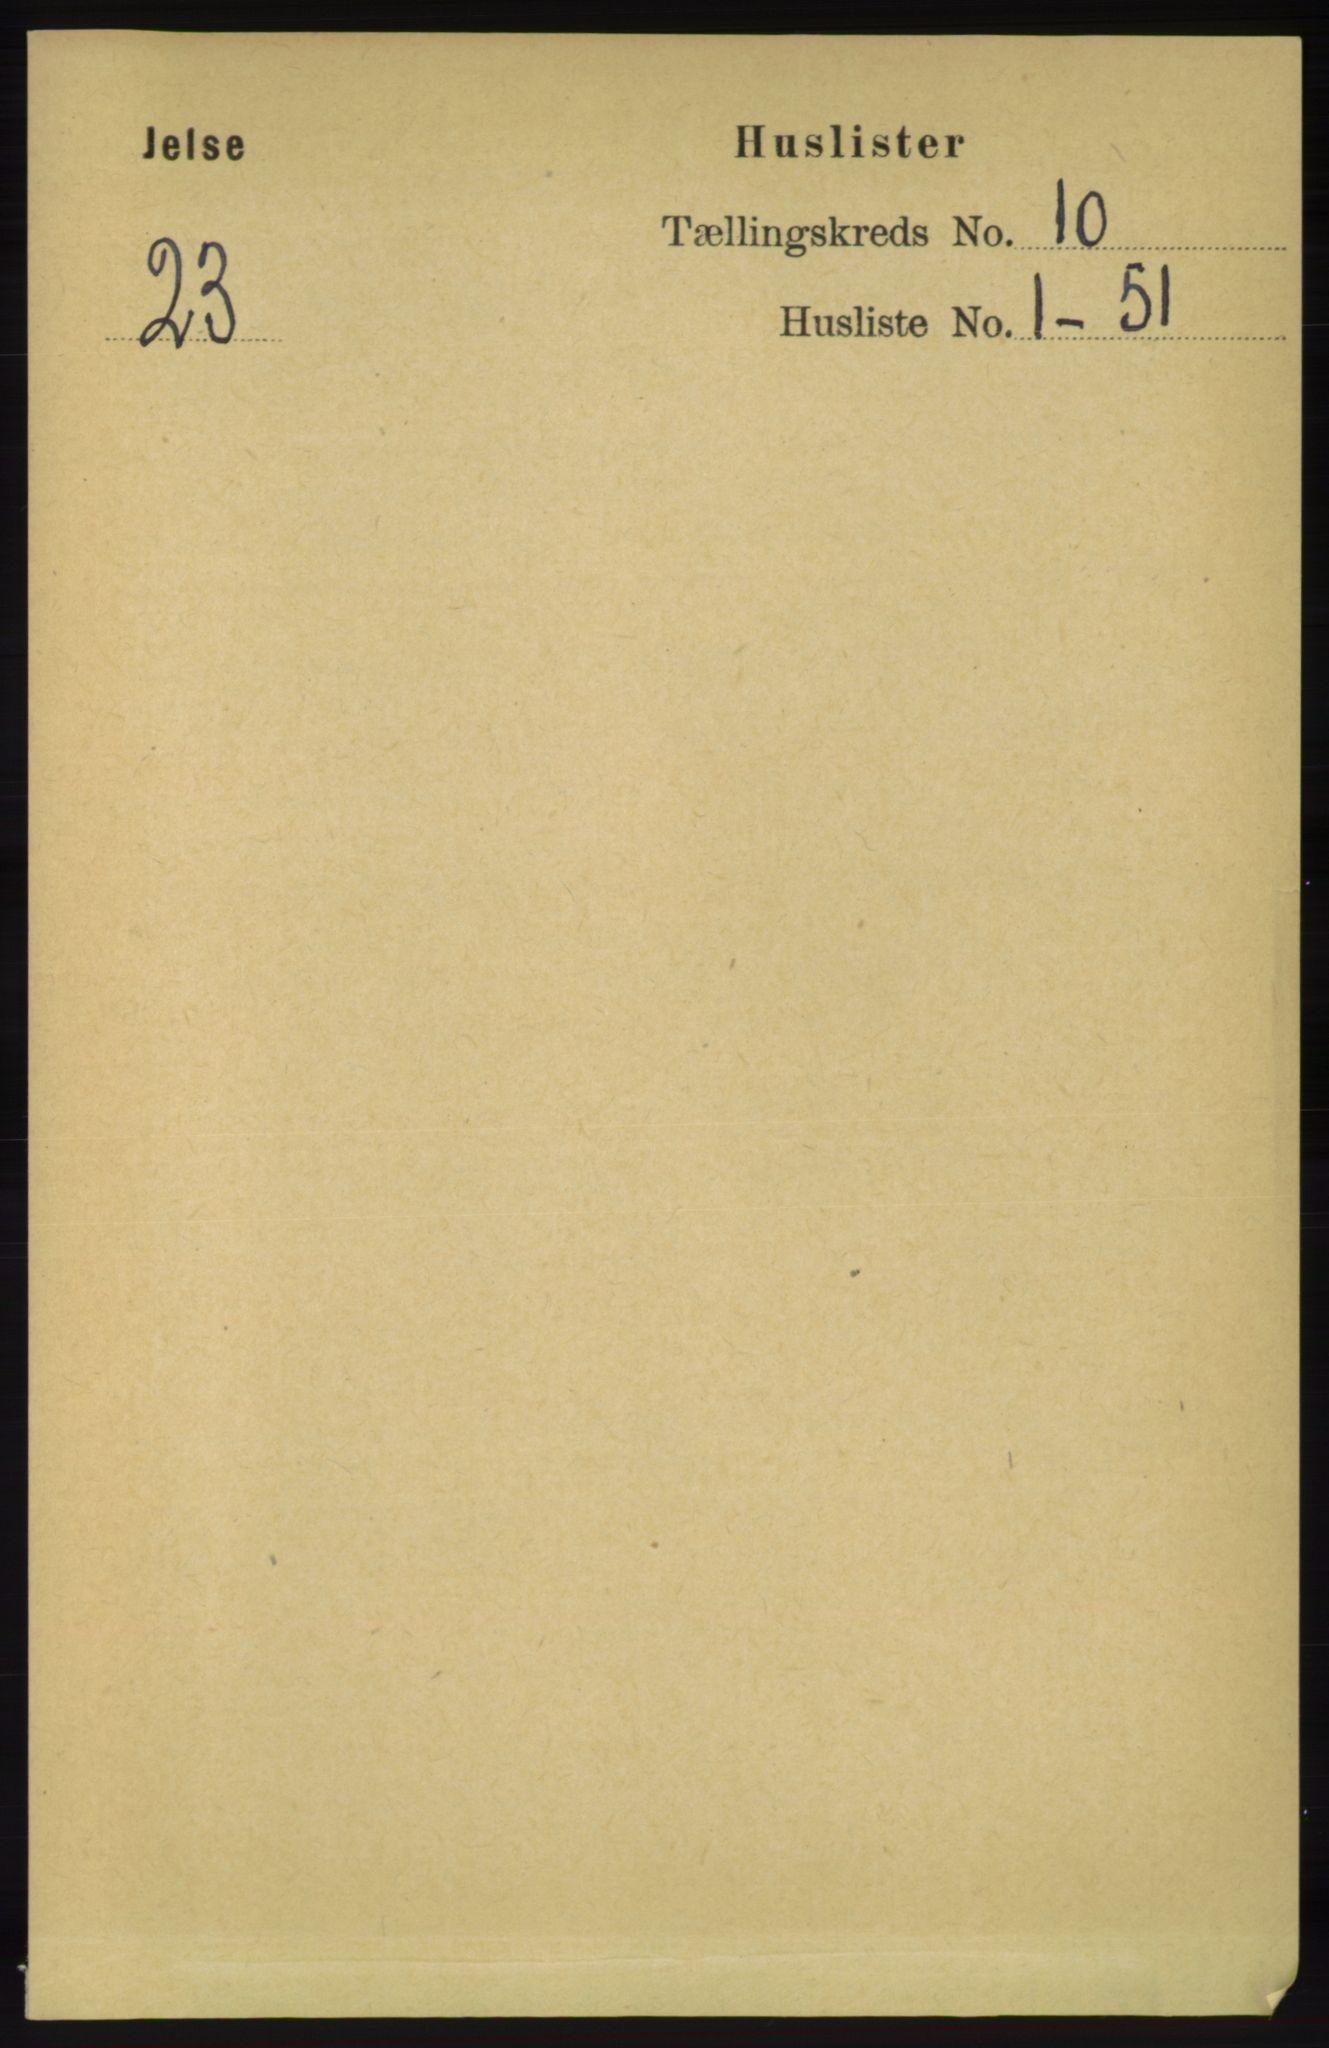 RA, Folketelling 1891 for 1138 Jelsa herred, 1891, s. 2373